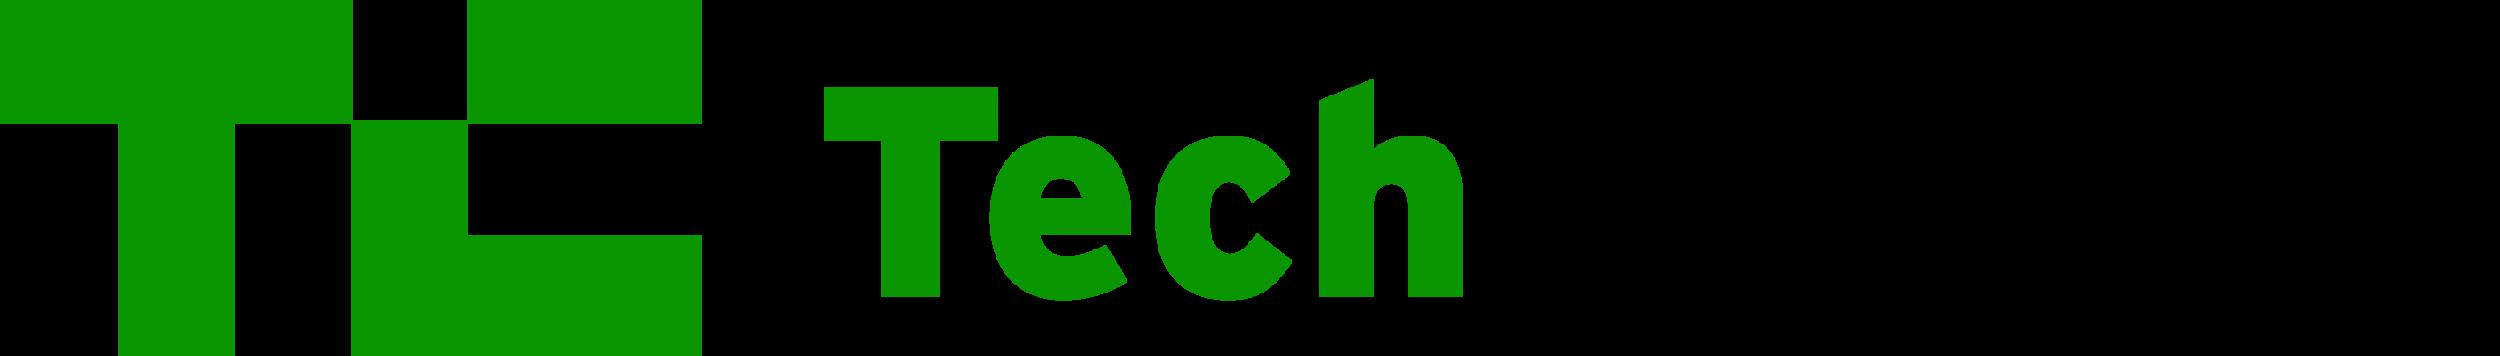 tc-techcrunch-logo.png